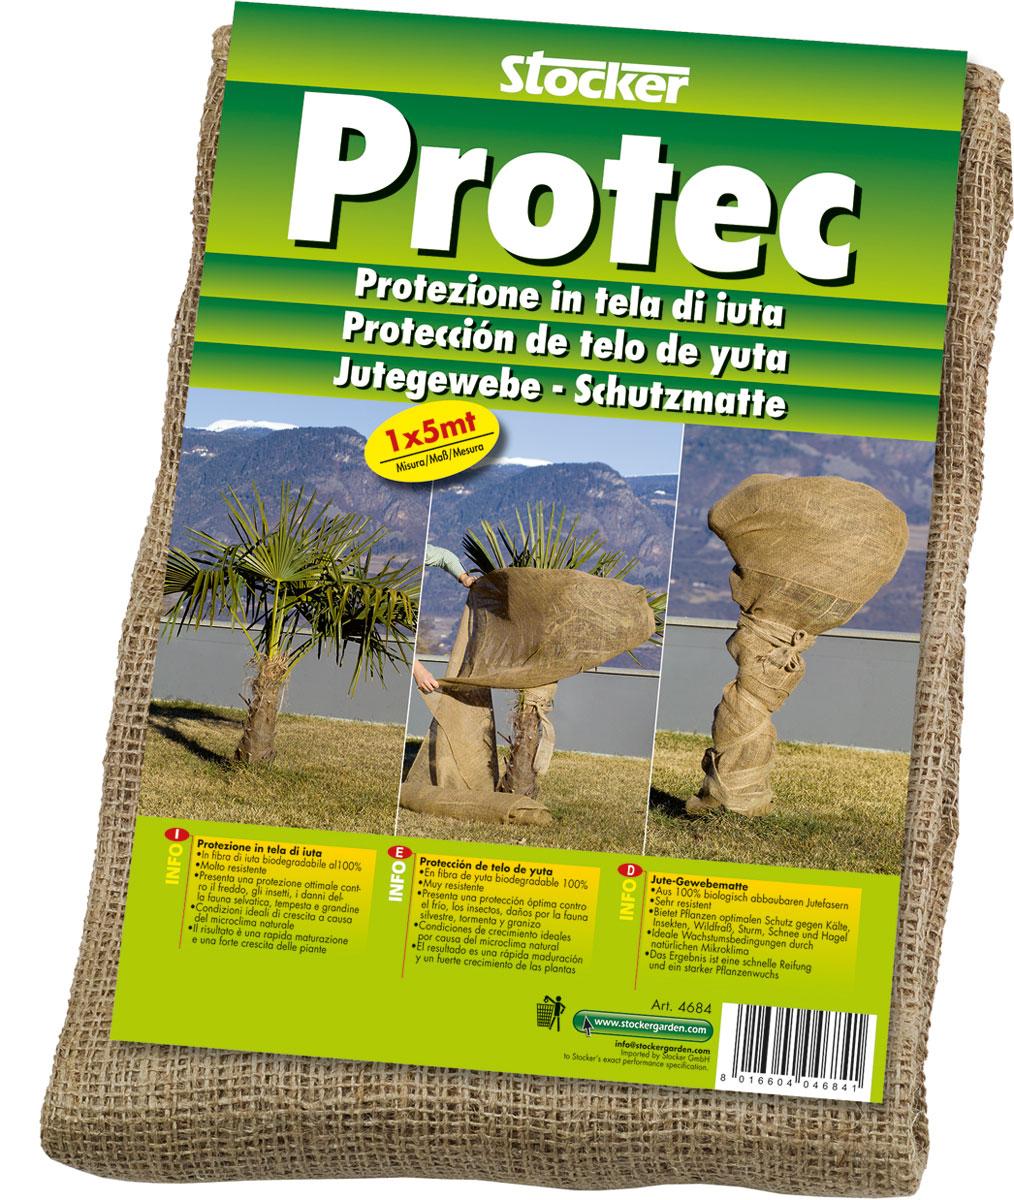 Husa iuta Protec protectie plante natur